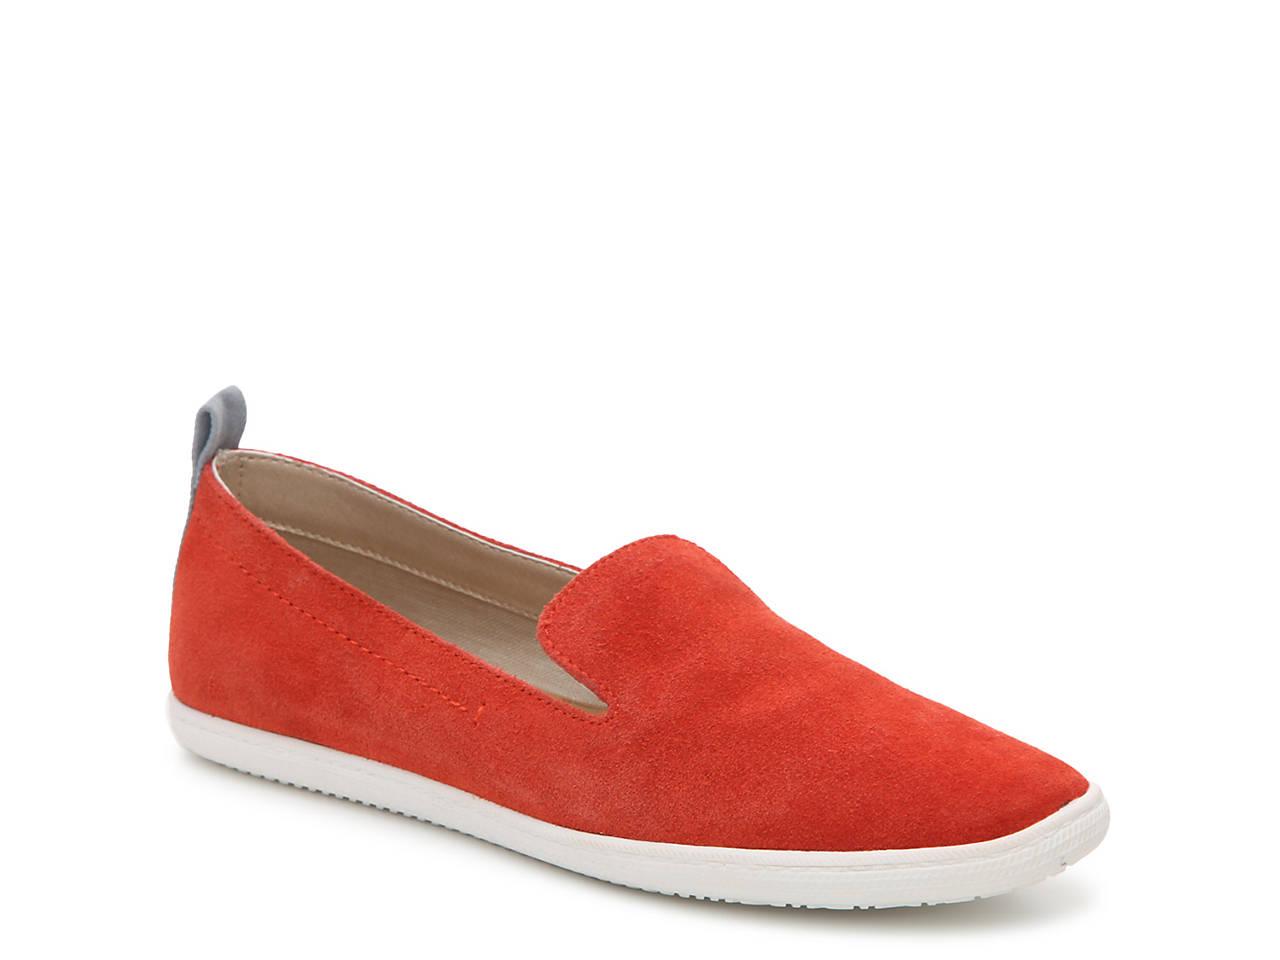 c0fe43102969 Dolce Vita Skyler Slip-On Sneaker Women s Shoes